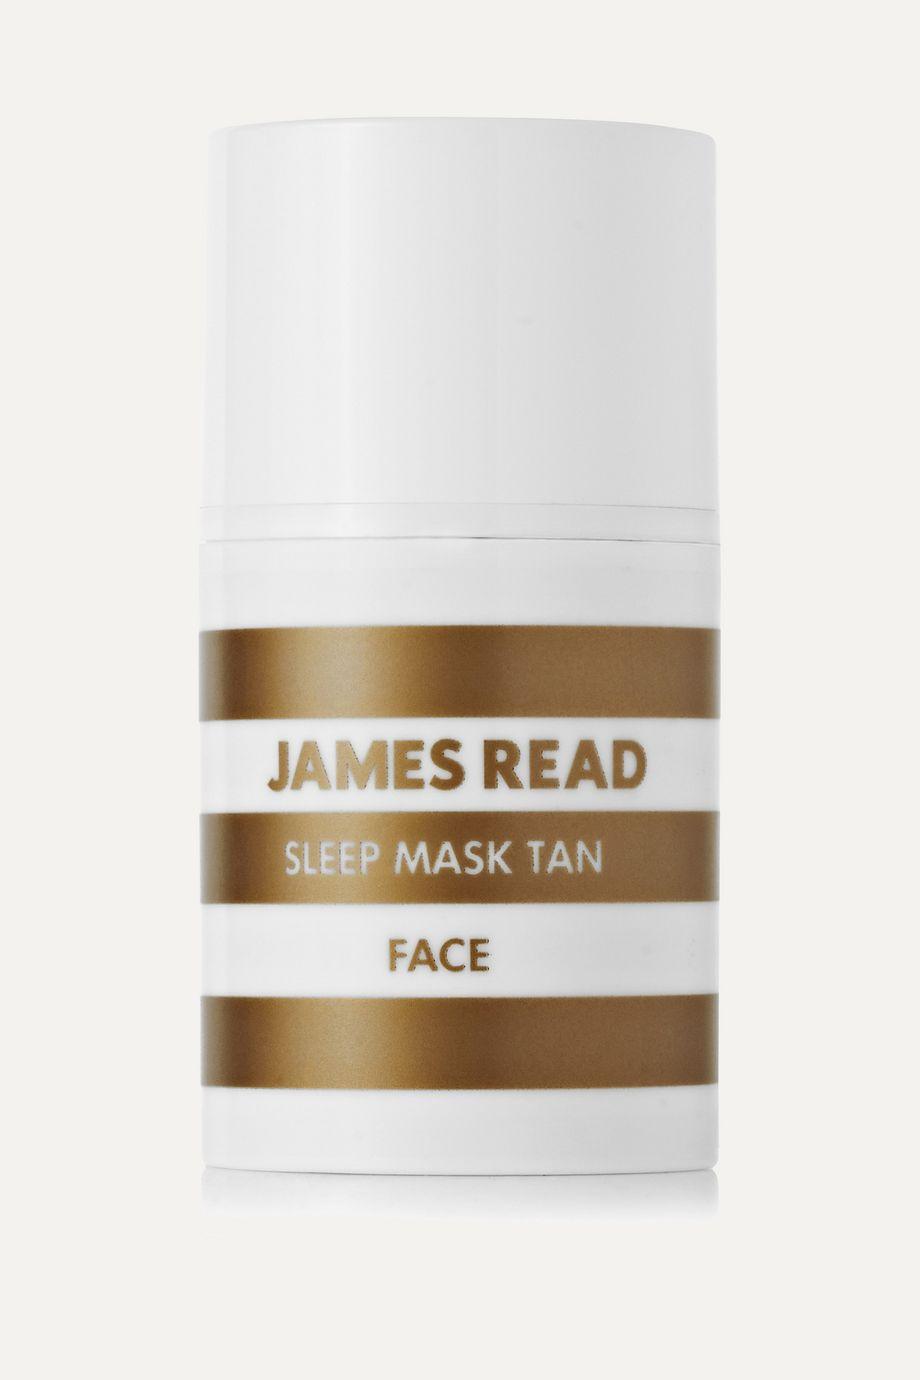 James Read Sleep Mask Tan, 50ml